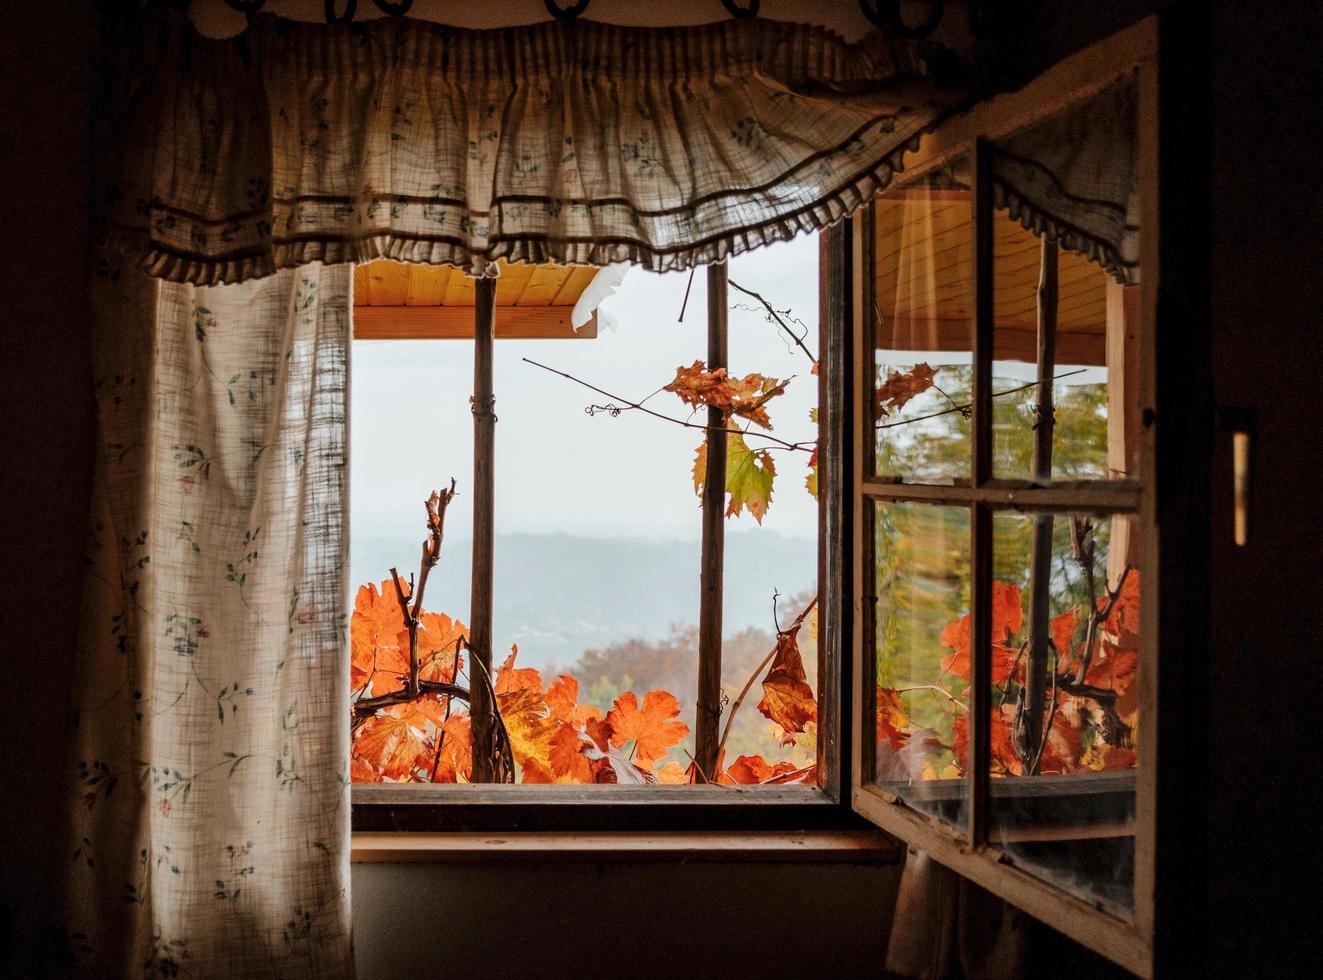 idyllischer Blick durch ein Fenster einer Hütte im Herbst foto